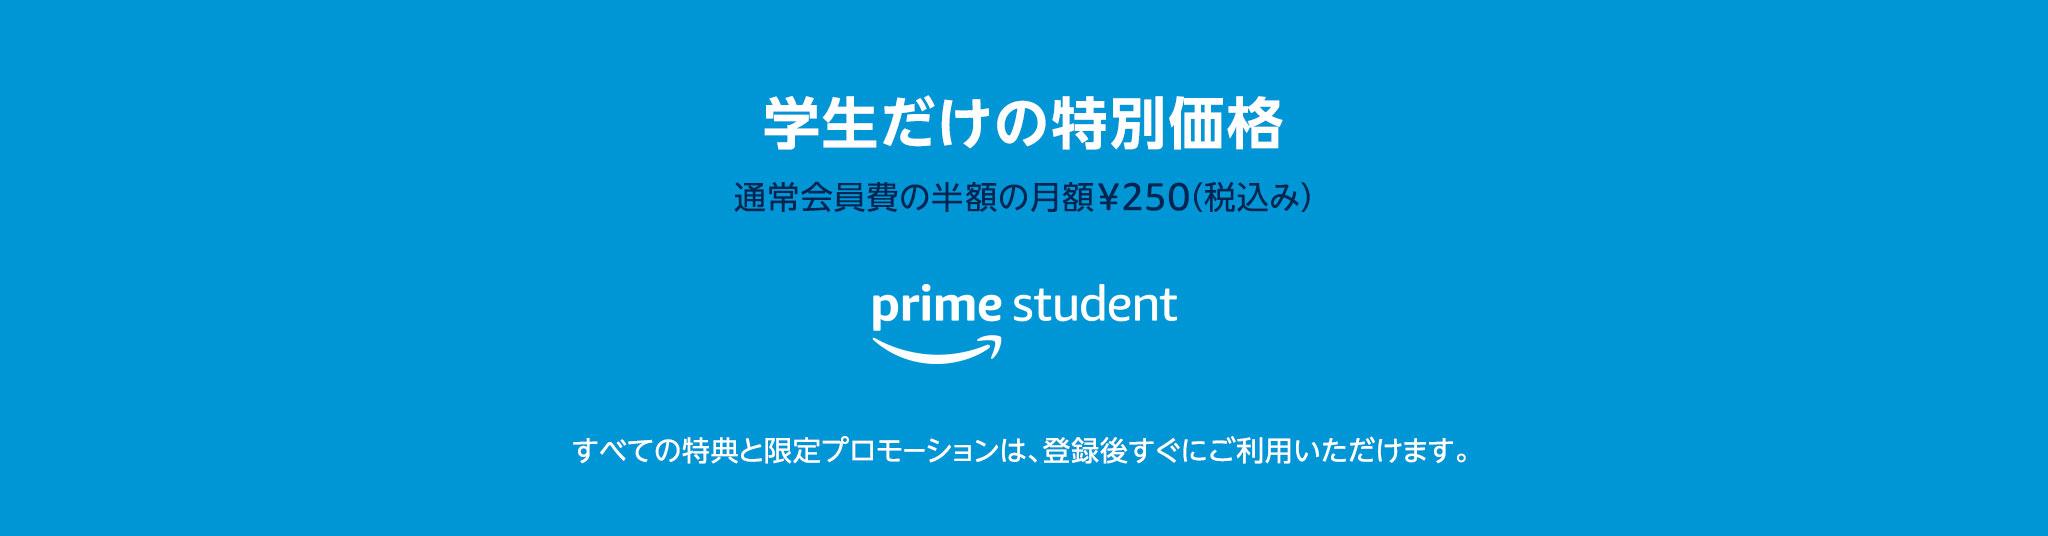 学生だけの特別価格* 通常会員費の半額の月額¥250(税込み)  すべての特典と限定プロモーションは、登録後すぐにご利用いただけます。